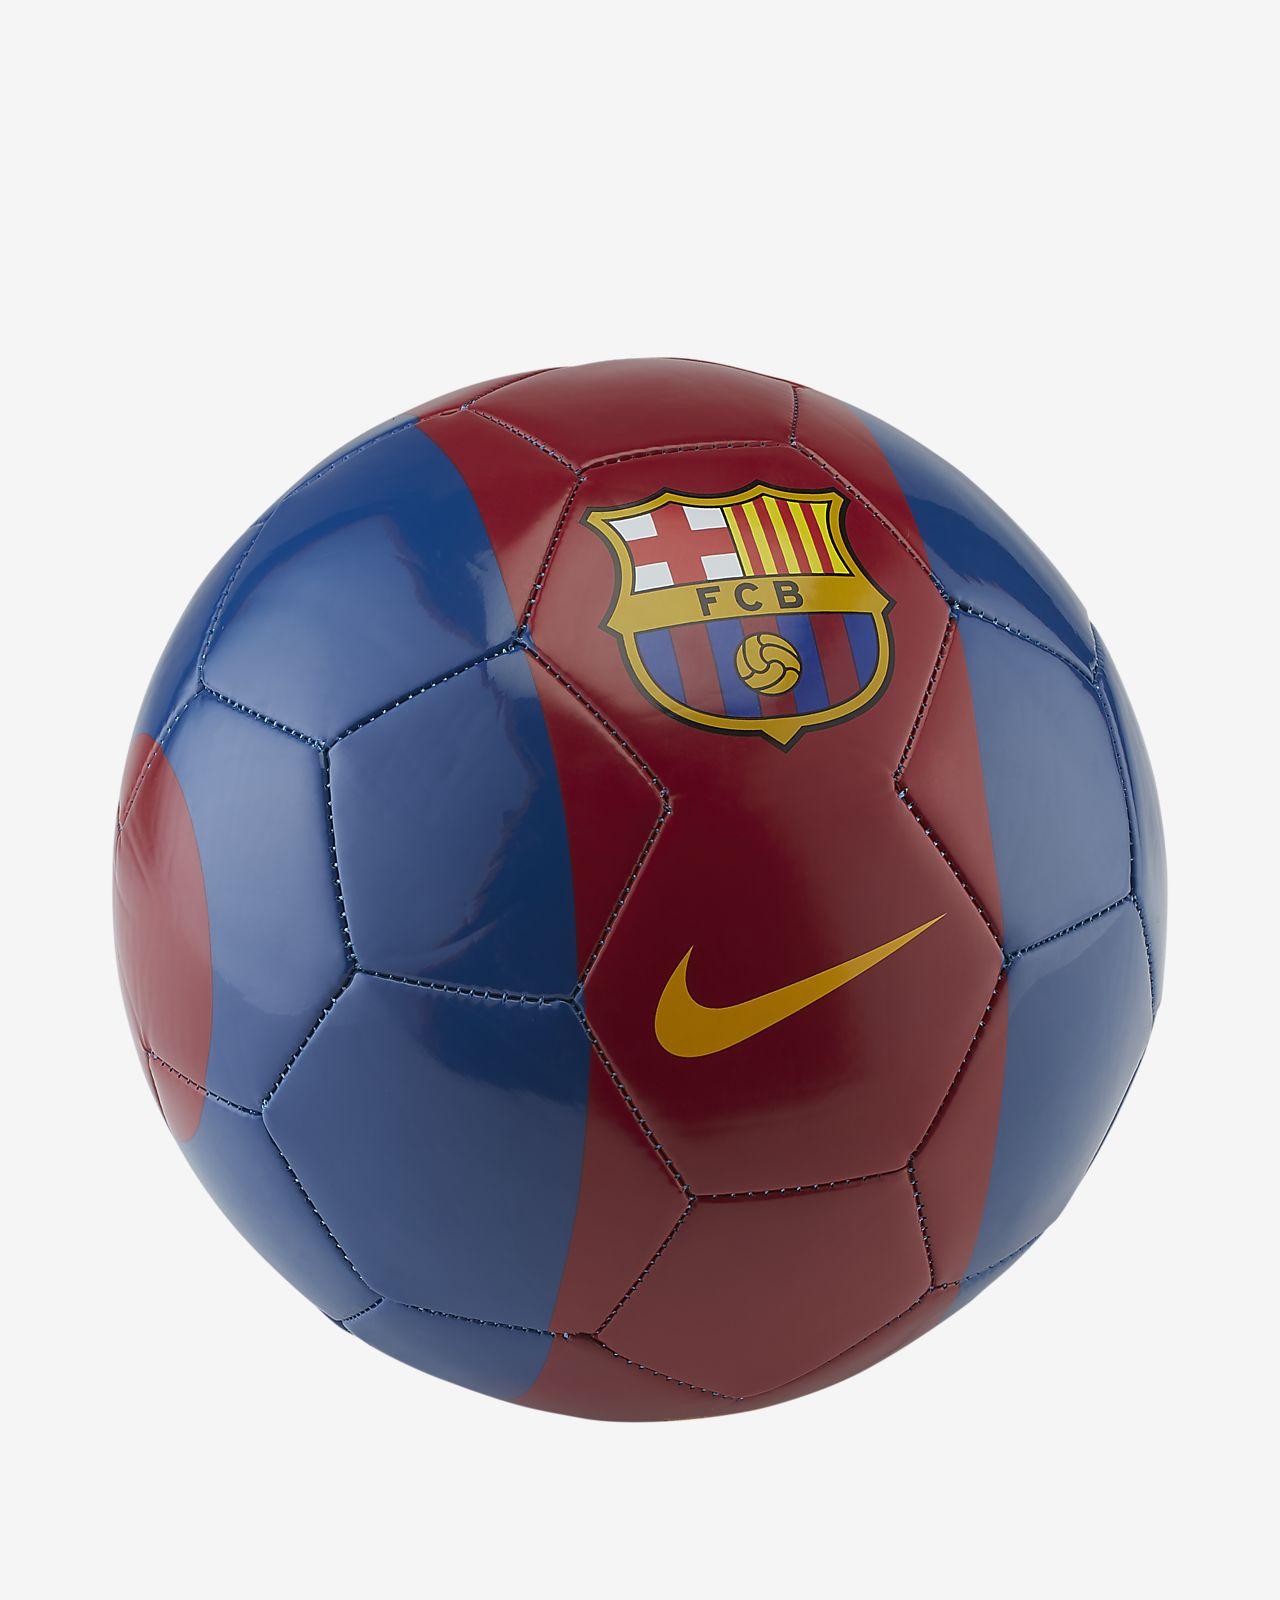 4a1d388b3d Bola de futebol FC Barcelona Supporters. Nike.com PT